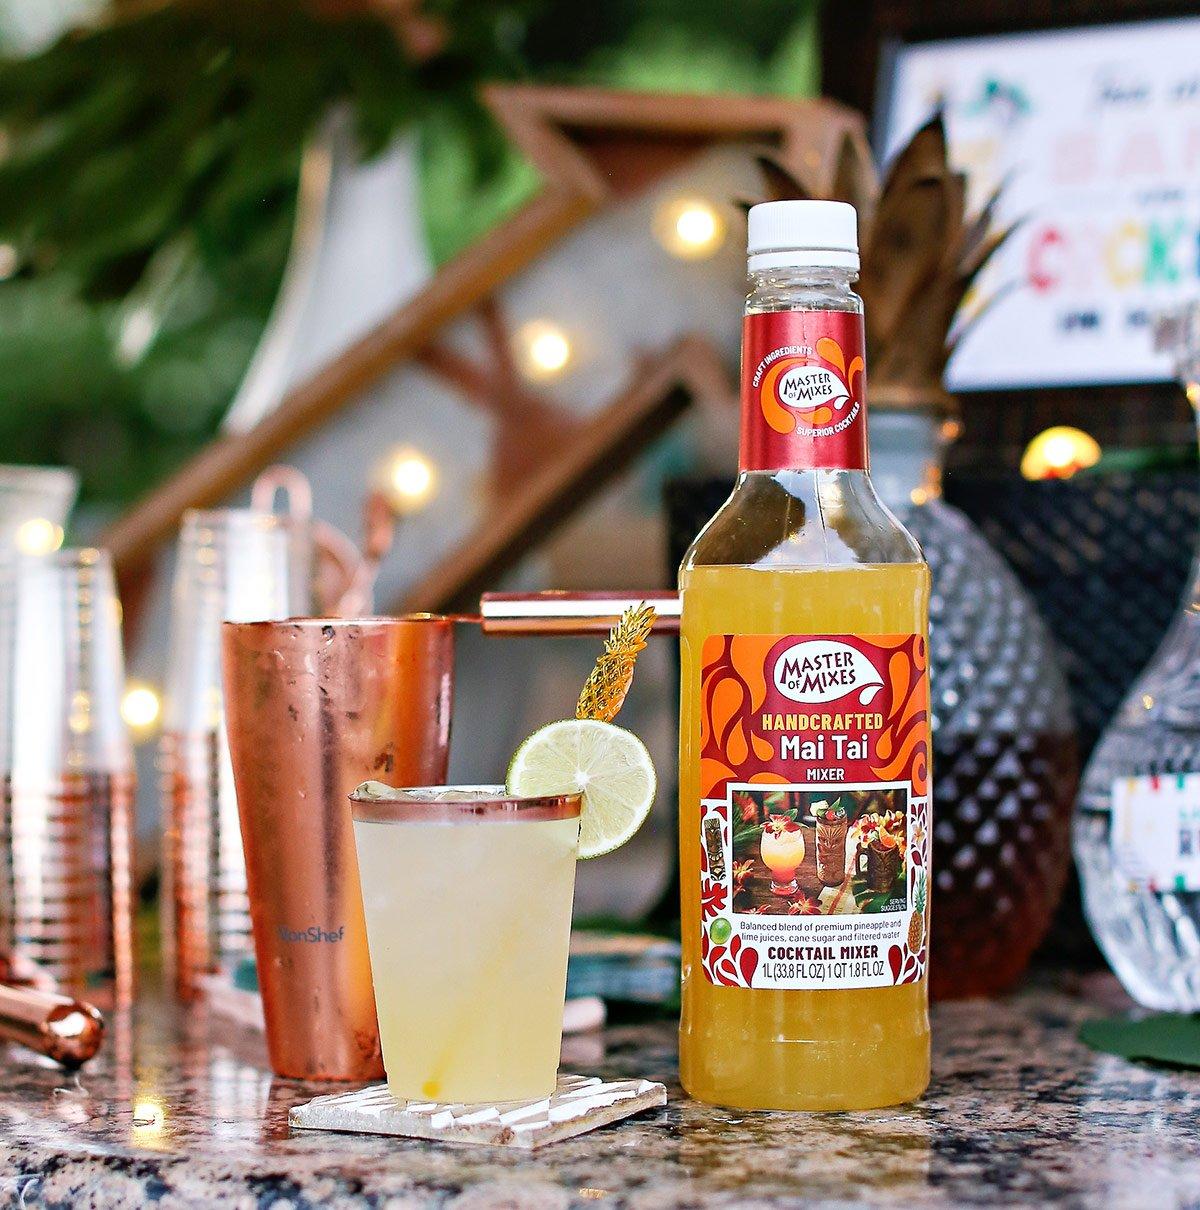 Mai Tai Mule cocktail